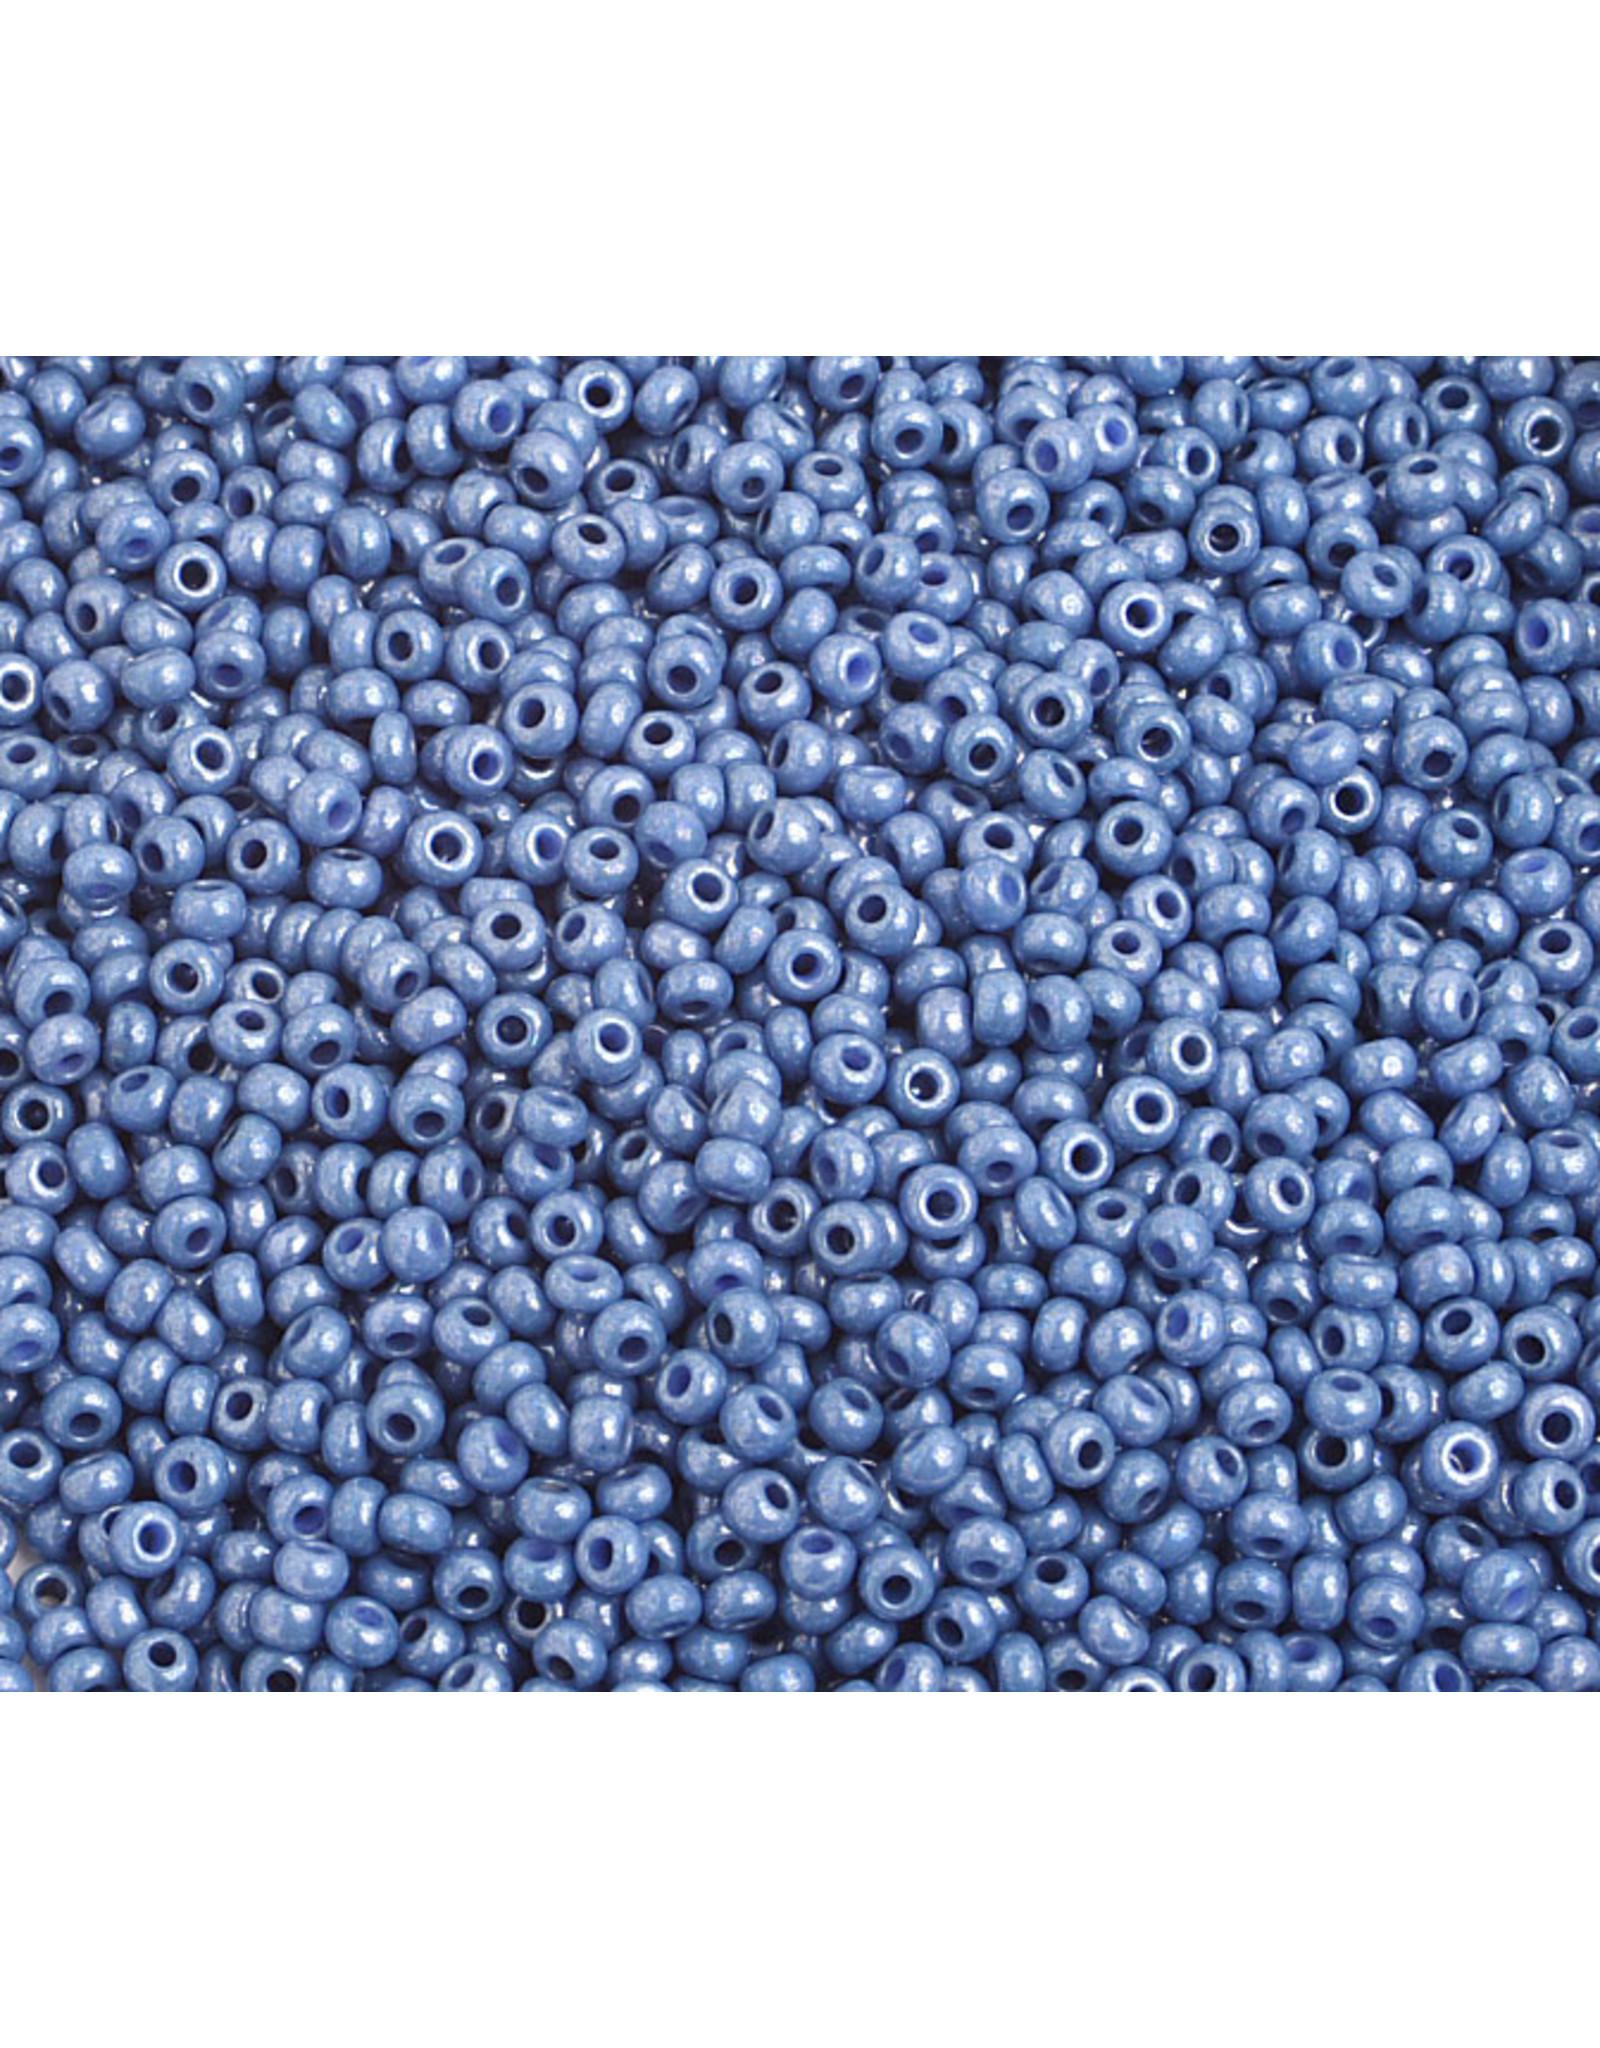 Czech *2375 10  Seed 10g  Opaque  Blue Lustre